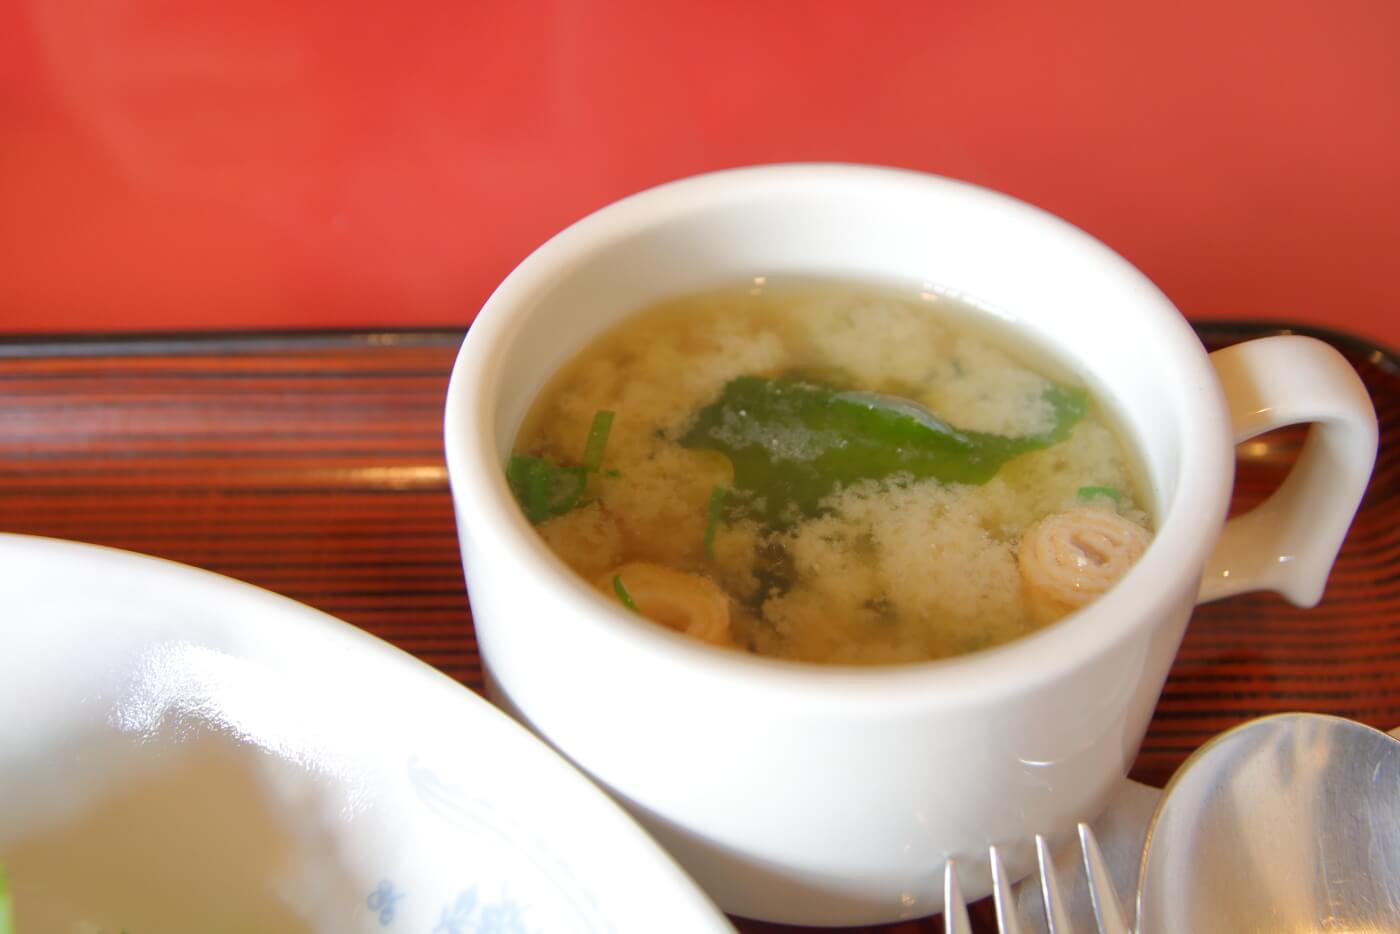 高知市のレストラン ライフタイム ランチのステーキライスの味噌汁